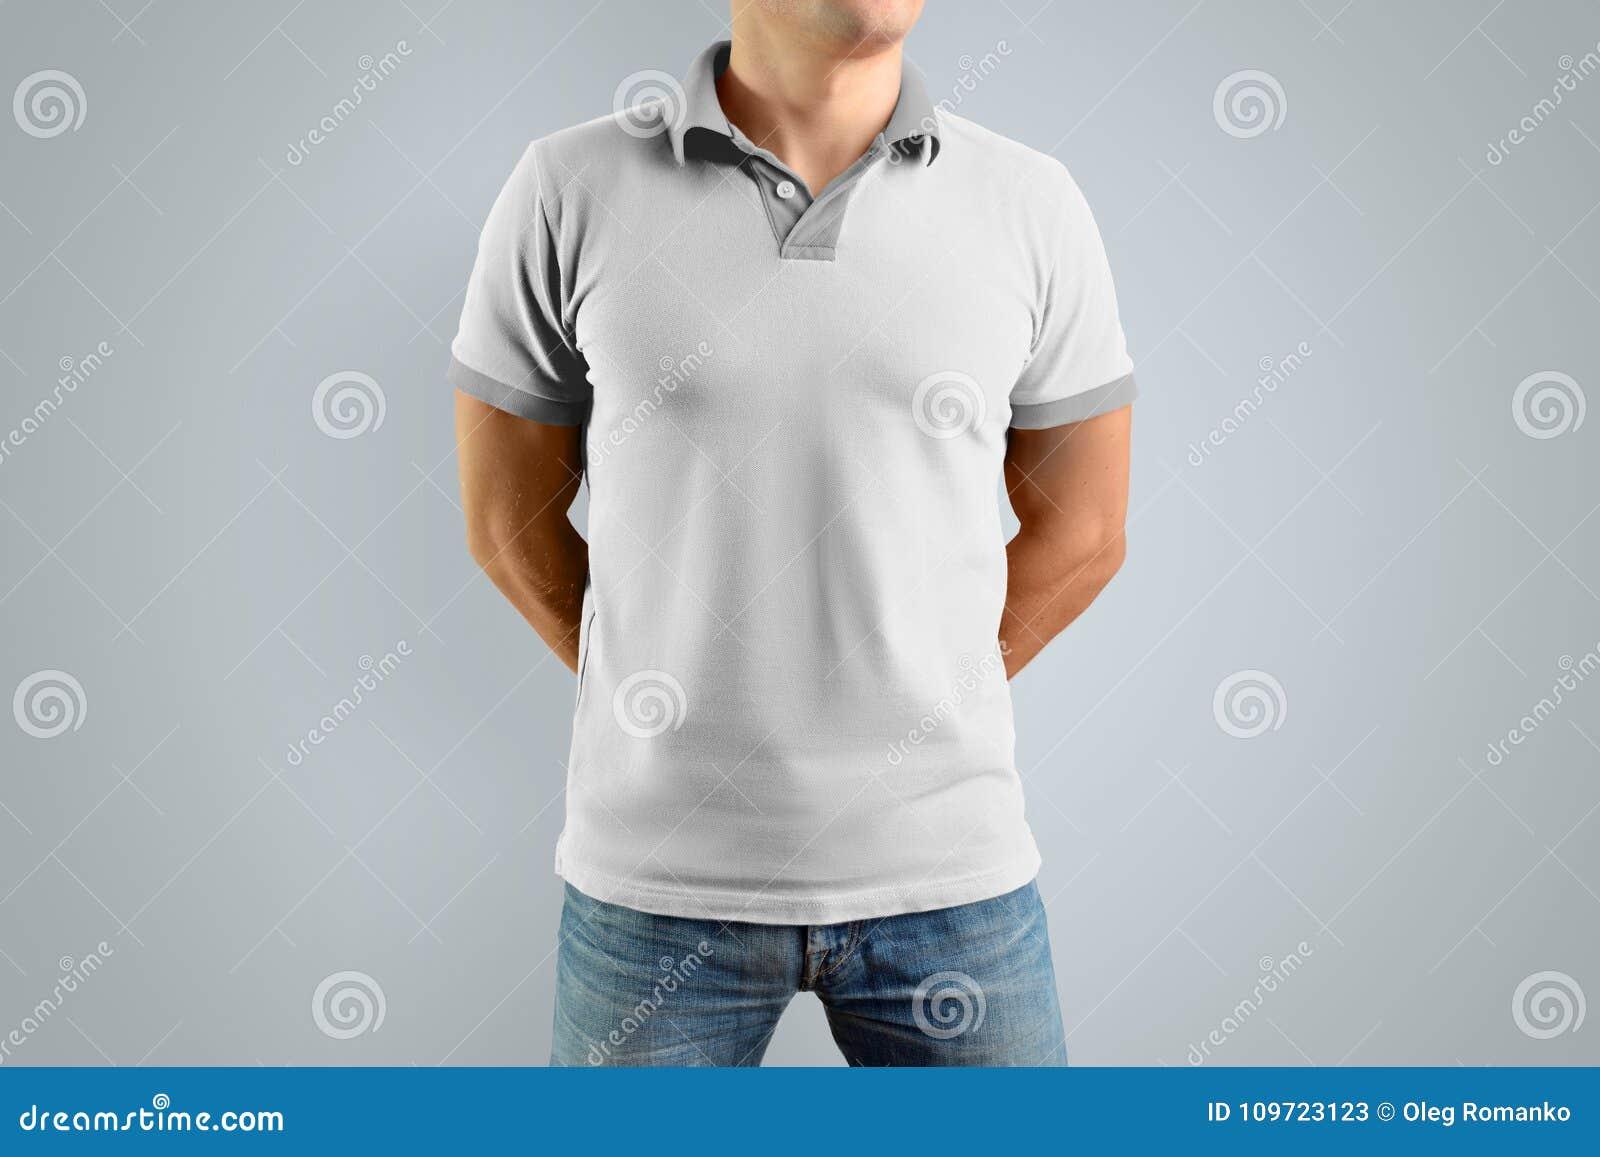 4686ed517d7 Λεπτό άτομο στο άσπρα πουκάμισο και το τζιν παντελόνι πόλο που απομονώνονται  στο γκρίζο υπόβαθρο, μπροστινή άποψη Πρότυπο για το γραφικό σχέδιό σας